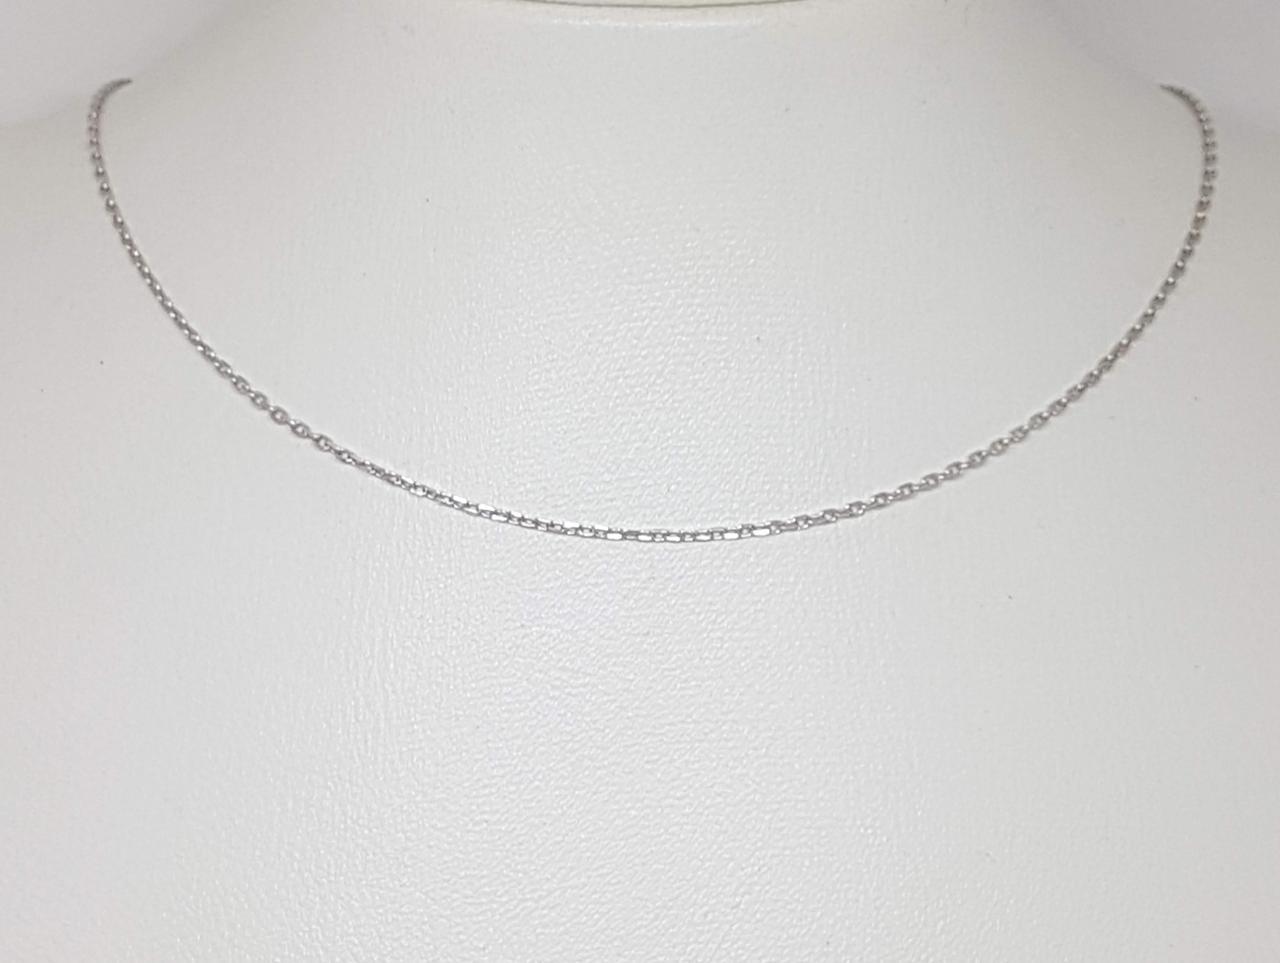 Срібний ланцюжок (Якірне). Артикул 095669 40